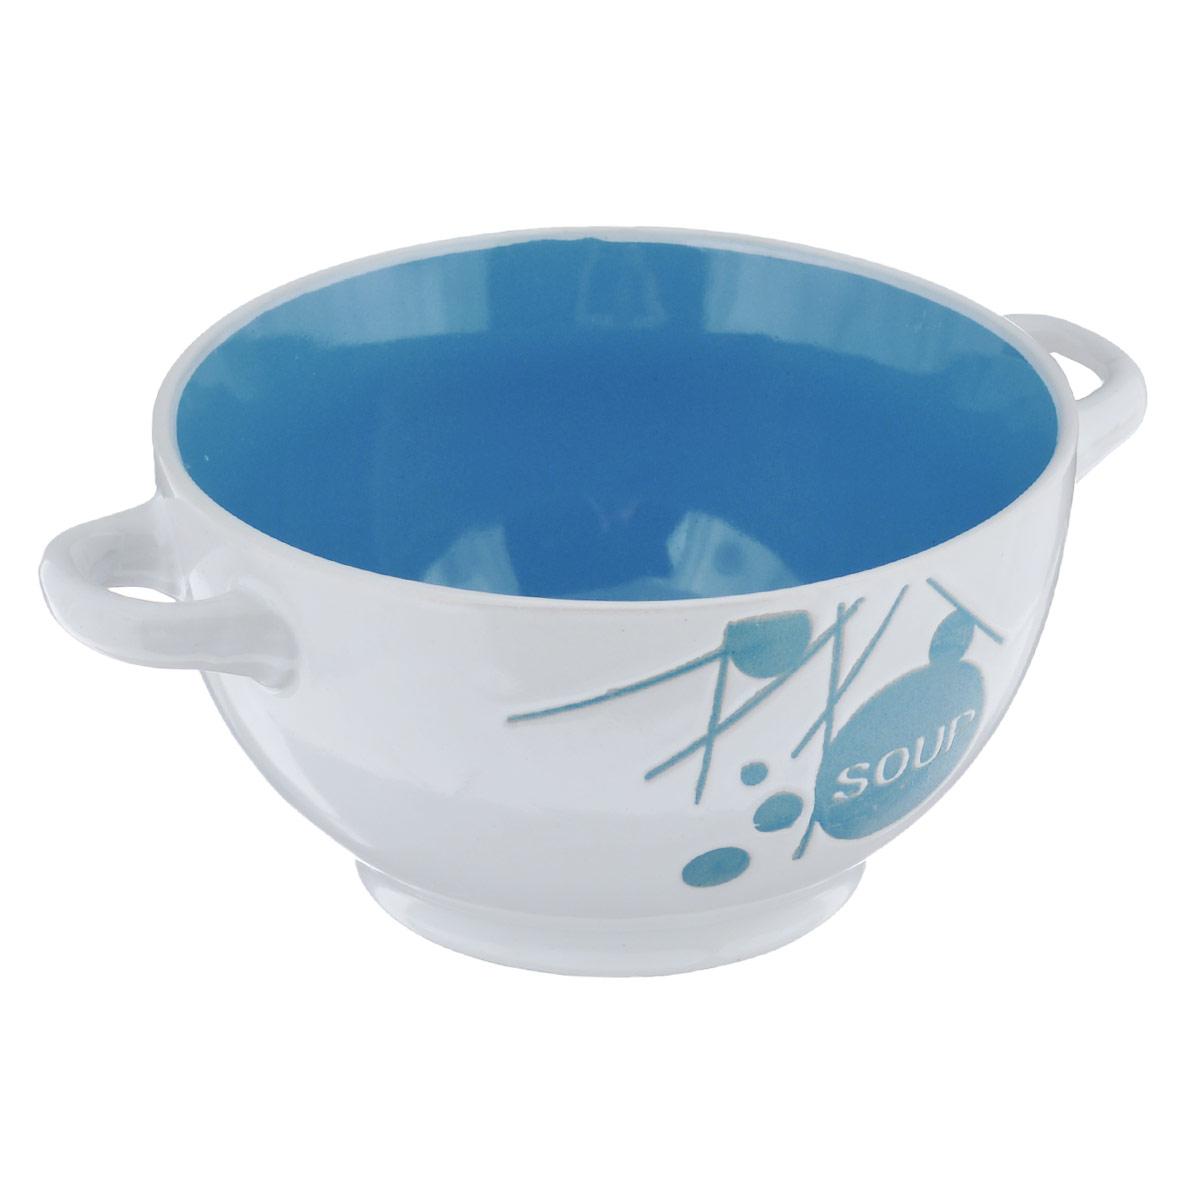 Салатник Wing Star, цвет: белый, синий, 500 млLJ10-D112BСалатник с ручками Wing Star покорит вас своей красотой и качеством исполнения. Изделие выполнено из высококачественной керамики - обожженной, глазурованной снаружи и изнутри глины. При изготовлении использовался рельефный способ нанесения декора, когда рельефная поверхность подготавливается в процессе формовки, и изделие обрабатывается с уже готовым декором. Благодаря этому достигается эффект неровного на ощупь рисунка, как бы утопленного внутрь глазури и являющегося его естественным элементом. Такой салатник прекрасно подходит для холодных и горячих блюд: каш, хлопьев, супов, салатов и т.д. Он дополнит коллекцию вашей кухонной посуды и будет служить долгие годы. Можно использовать в посудомоечной машине и СВЧ. Объем салатника: 500 мл. Диаметр салатника (по верхнему краю): 14 см. Ширина салатника (с учетом ручек): 18 см. Высота стенки салатника: 8 см.